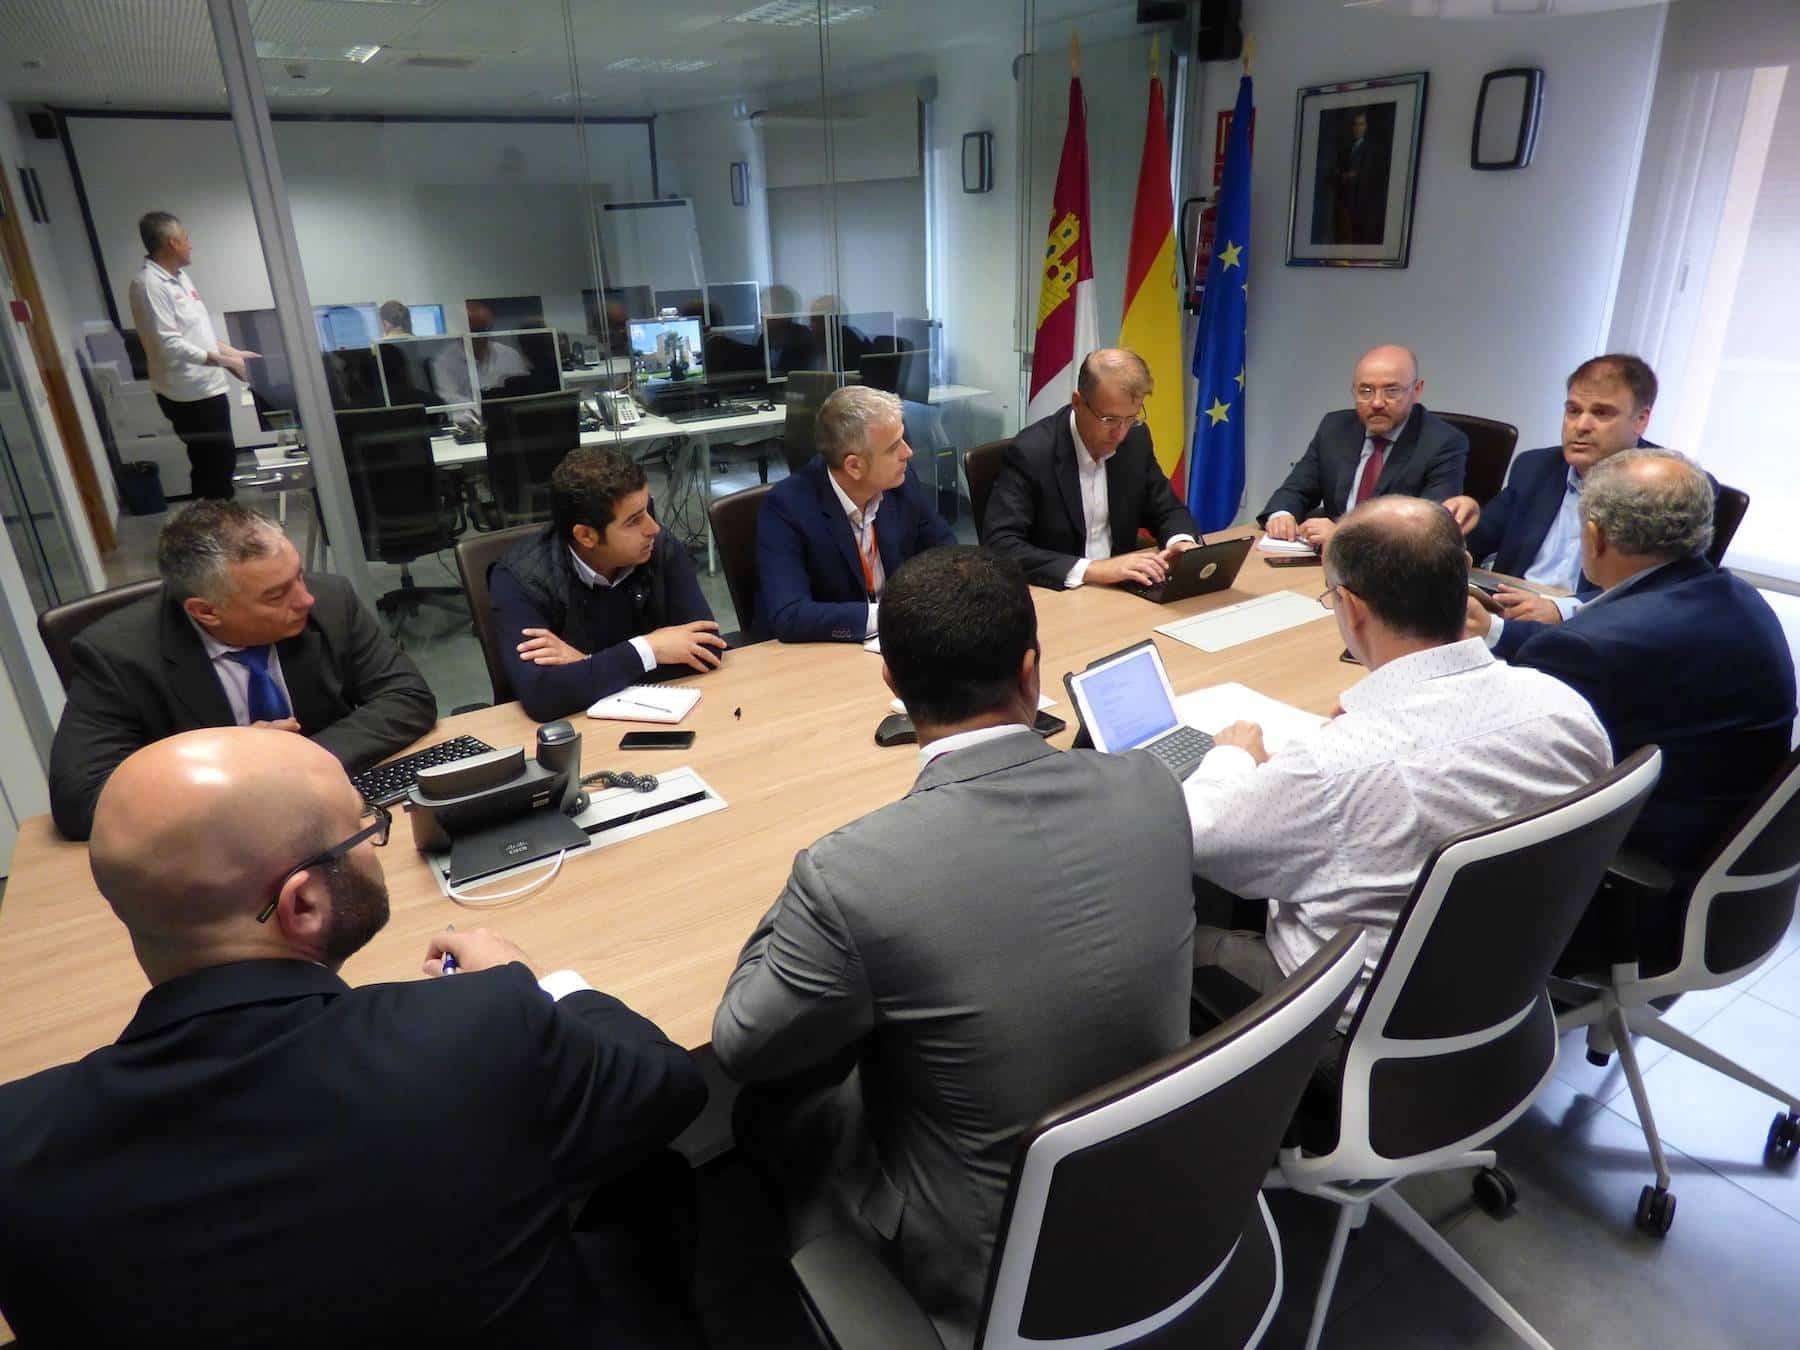 Renovación de la plataforma tecnológica del Servicio de Emergencias 112 de Castilla-La Mancha 3